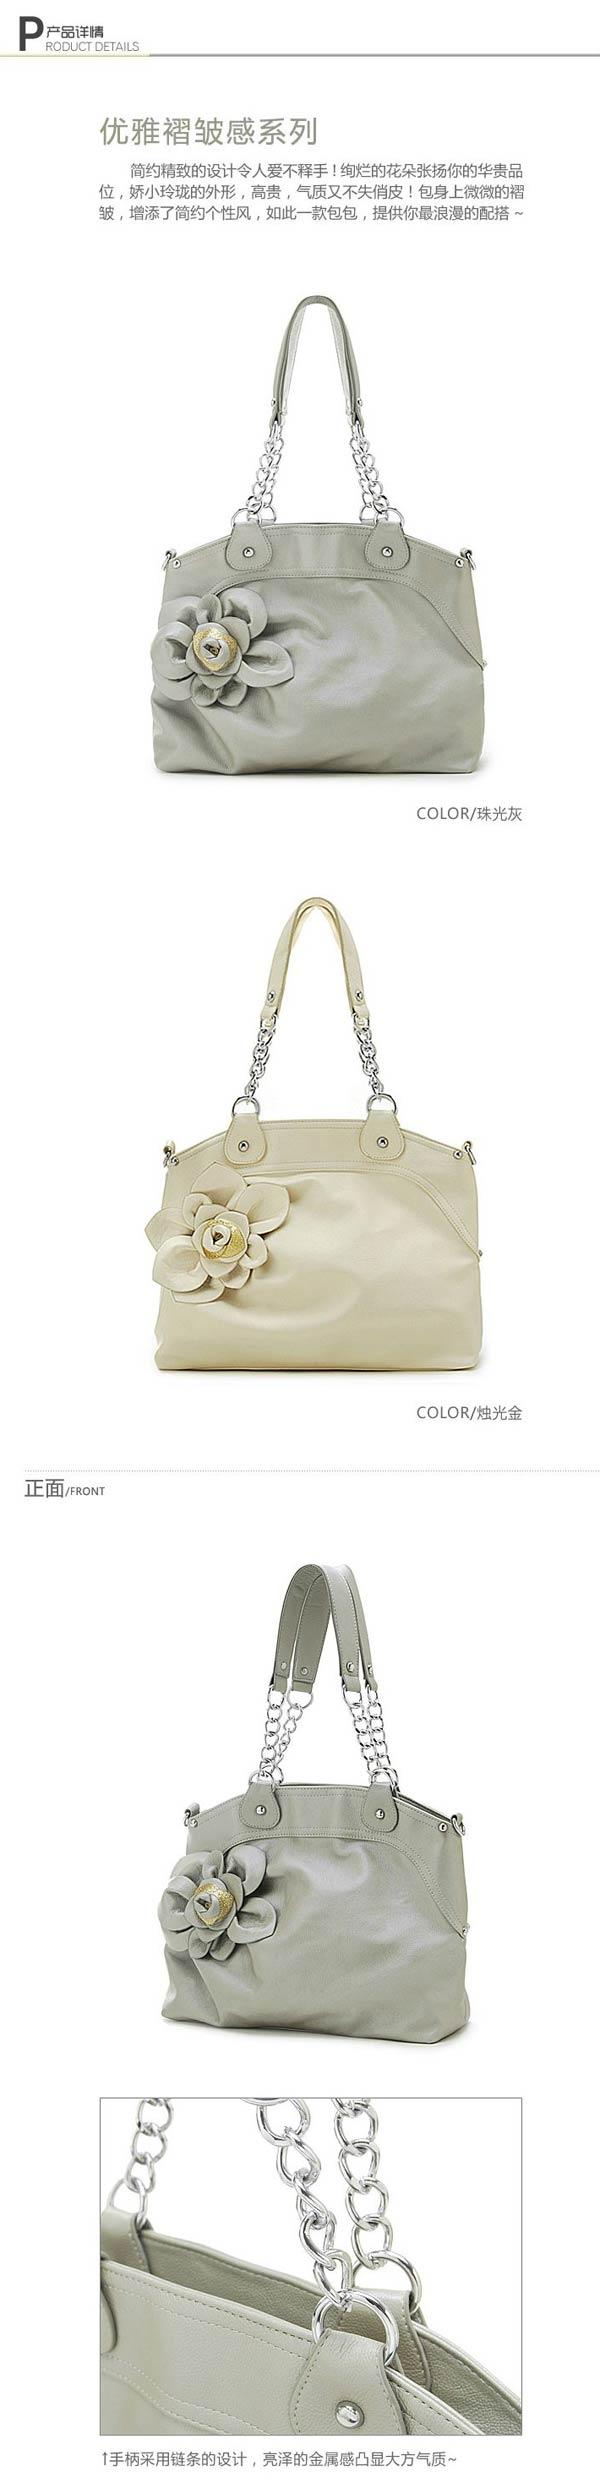 包 包包 挎包手袋 女包 手提包 600_2488 竖版 竖屏